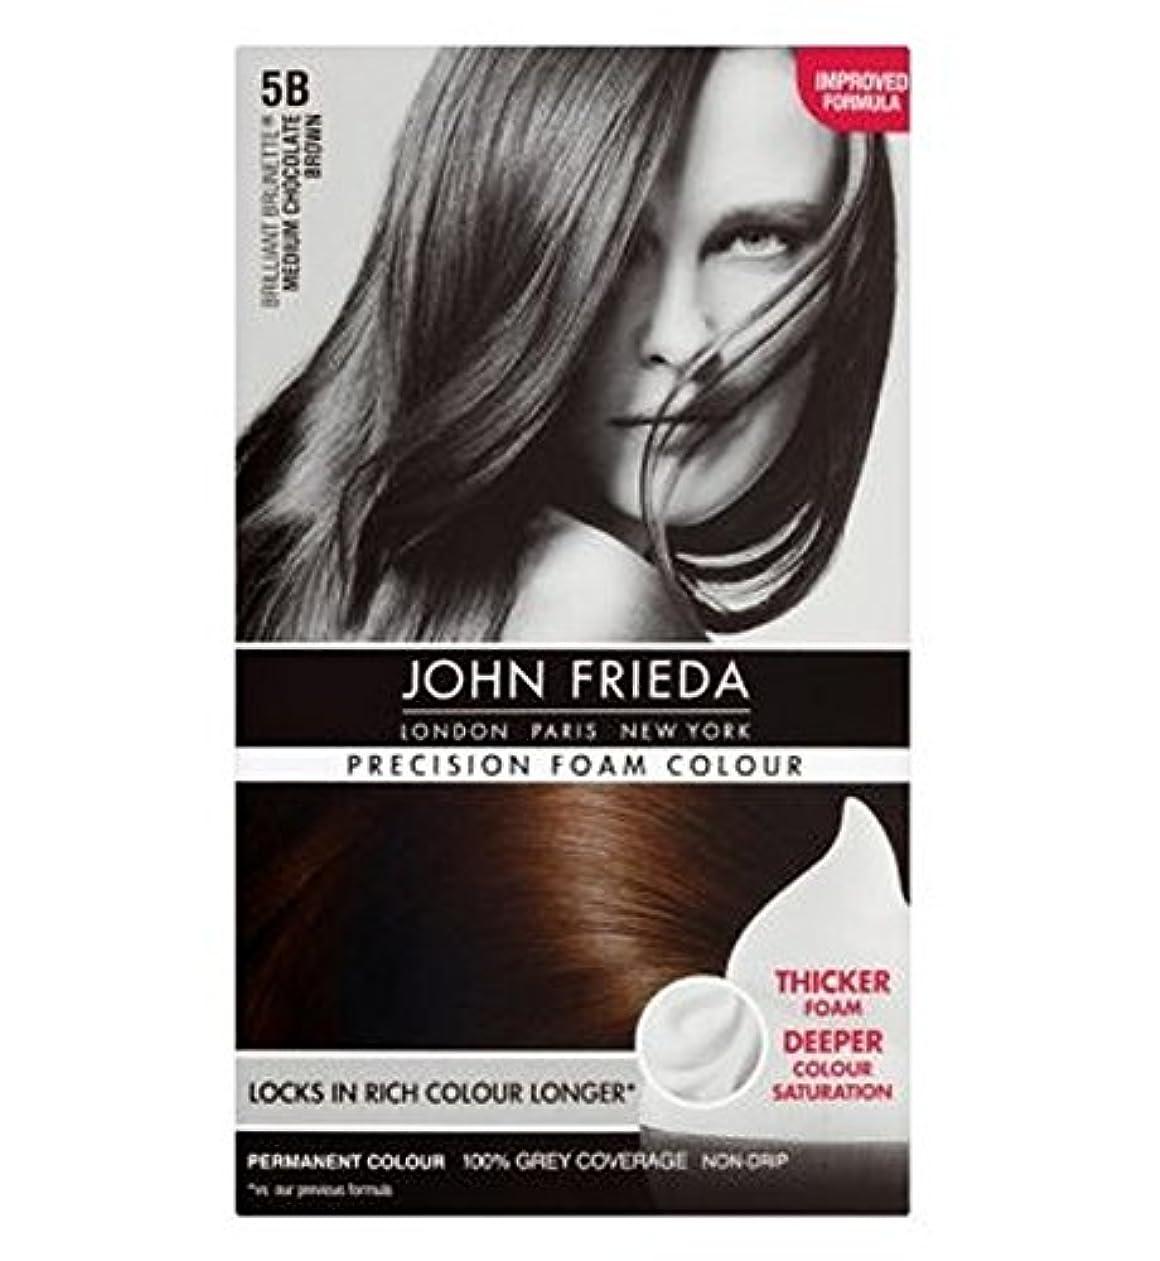 啓示ブリリアントすきJohn Frieda Precision Foam Colour 5B Medium Chocolate Brown - ミディアムチョコレートブラウン5Bのジョン?フリーダ精密泡カラー (John Frieda) [並行輸入品]